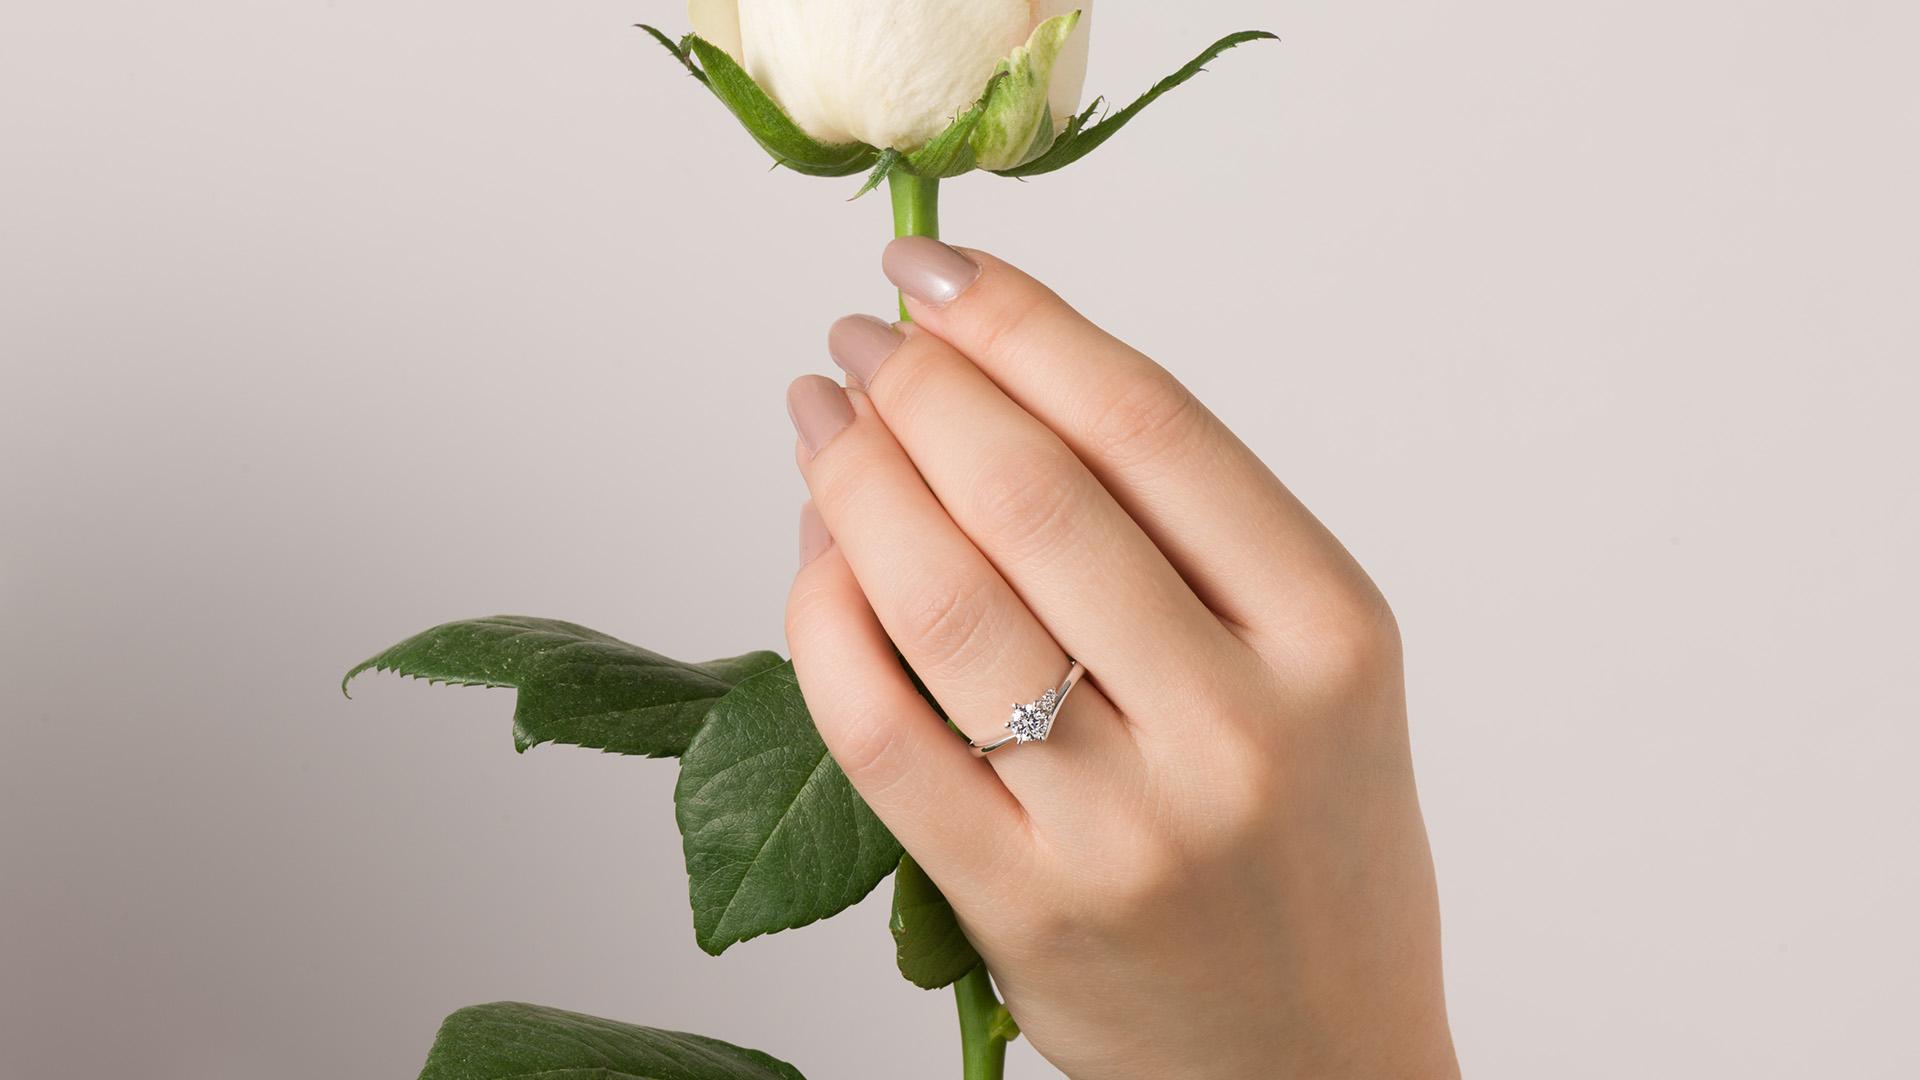 mira ミラ | 婚約指輪サムネイル 4